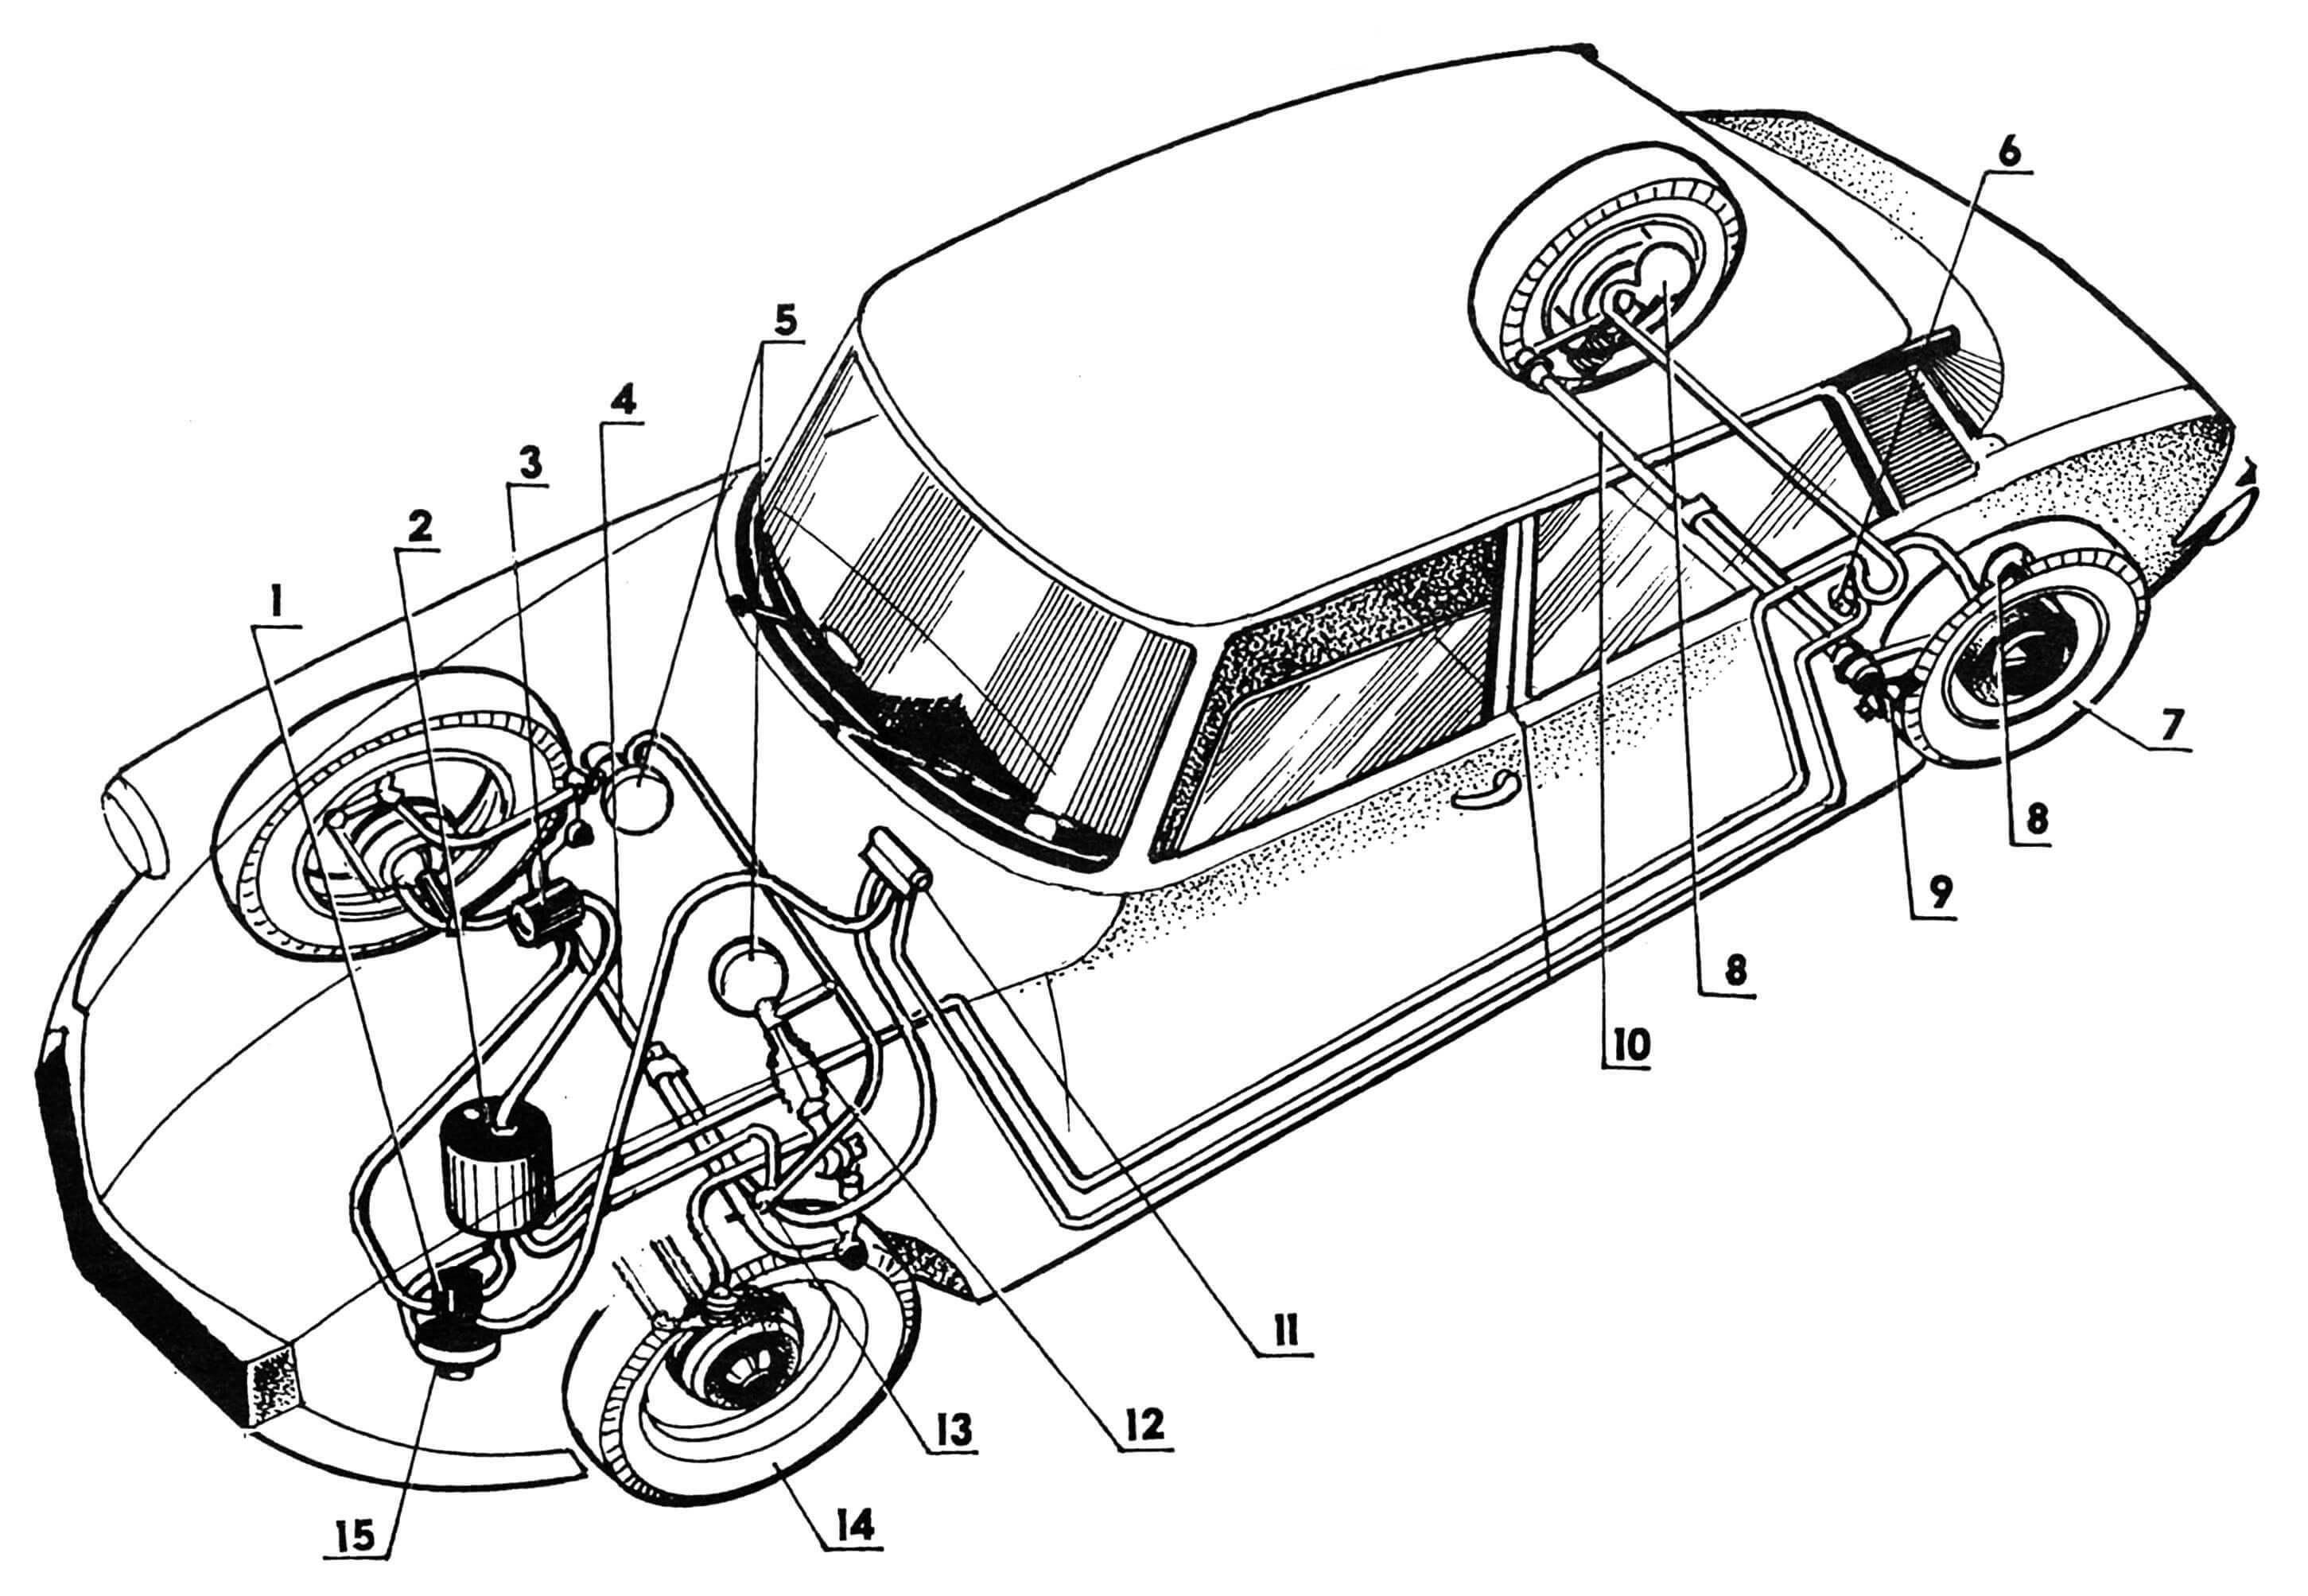 Система гидропневматической подвески колес: 1 — распределитель; 2 — емкость для гидрожидкости; 3 — гидронасос; 4 — стабилизатор поперечной устойчивости, передний; 5 — резервуары гидропневматические, передние; 6 — регулятор заднего моста; 7 — колесо заднее; 8 — резервуары гидропневматические, задние; 9 — рычаг продольный; 10 — торсион; 11 — панель управления системой; 12 — цилиндр с поршнем, рабочий; 13 — регулятор переднего моста; 14 — колесо переднее; 15 — рессивер.